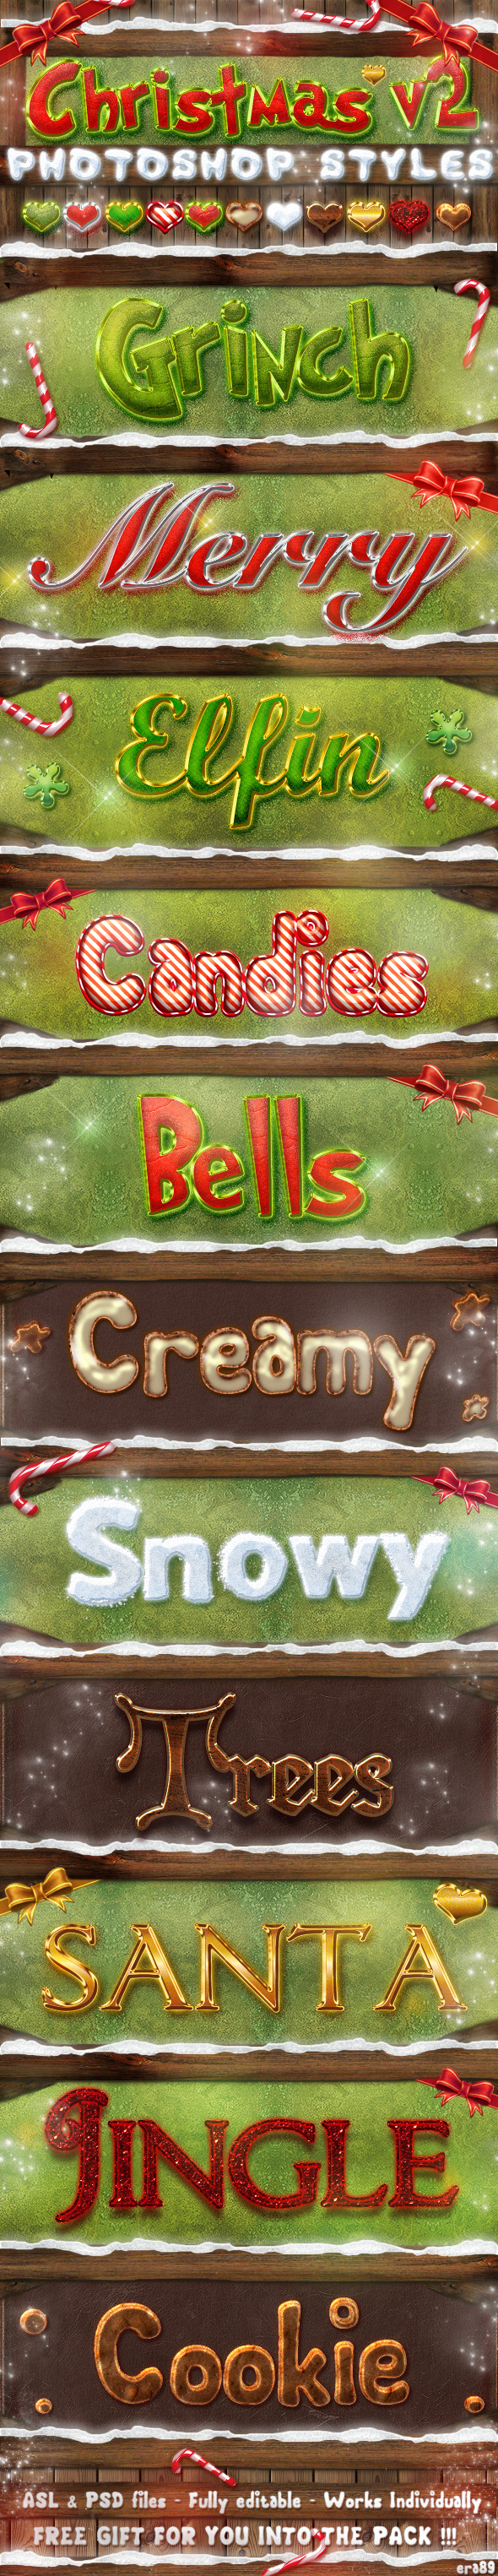 Christmas Photoshop Styles V2 - Styles Photoshop